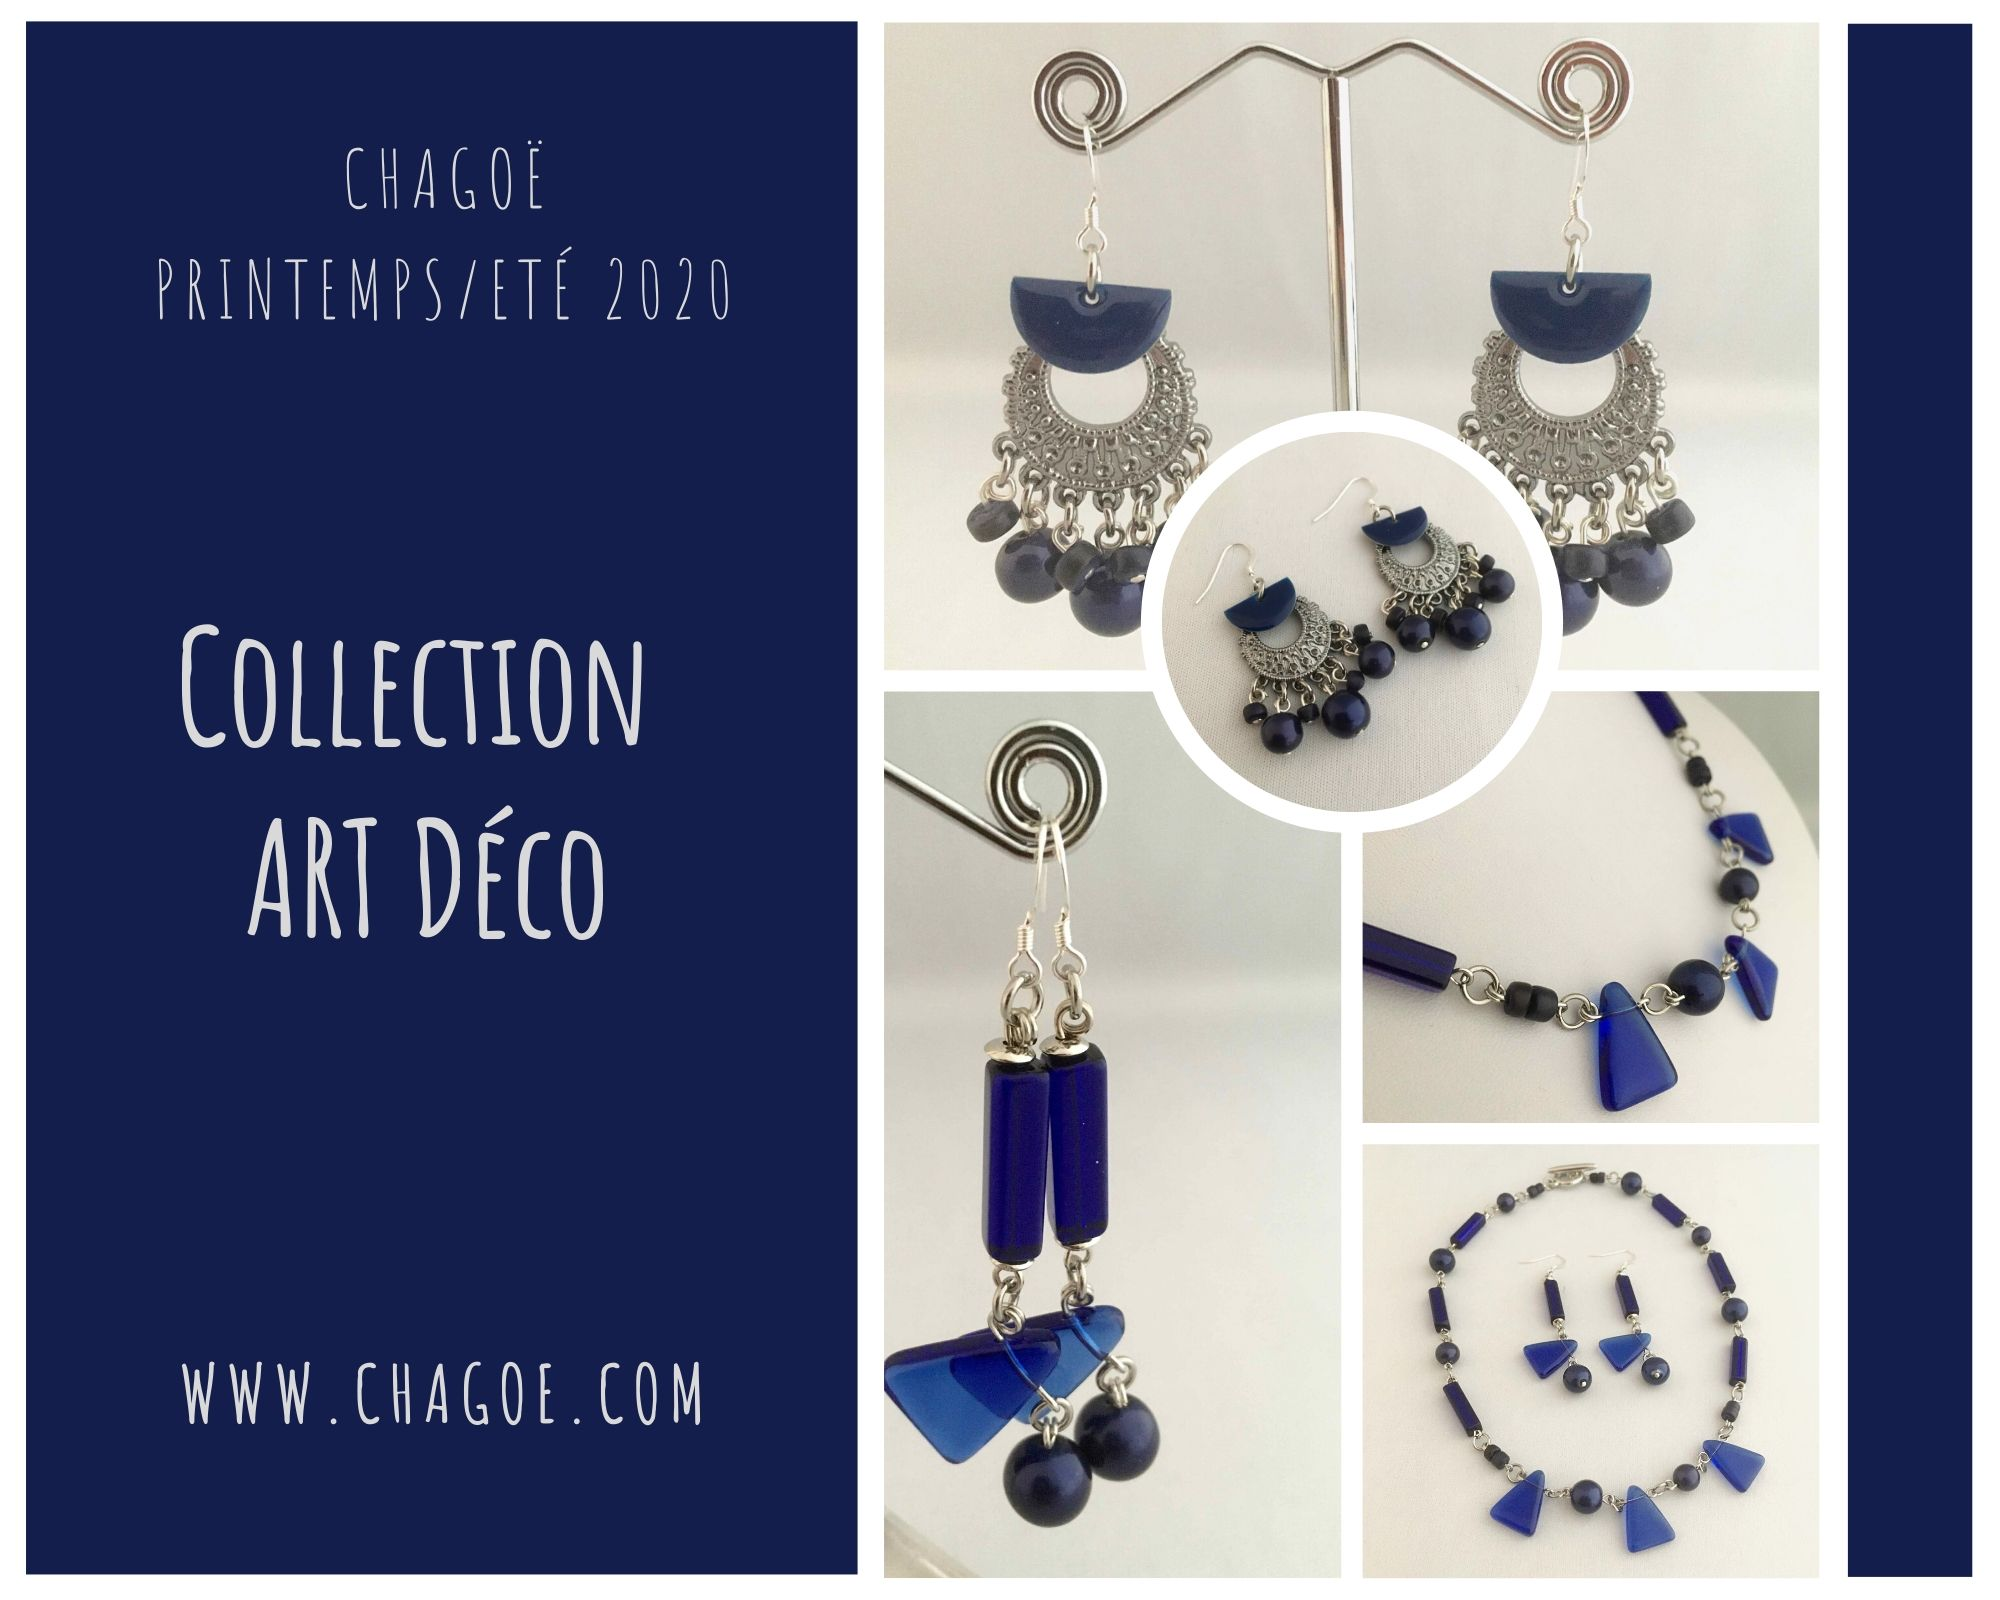 Collection ART DECO, Créations Printemps/Eté Chagoë 2020